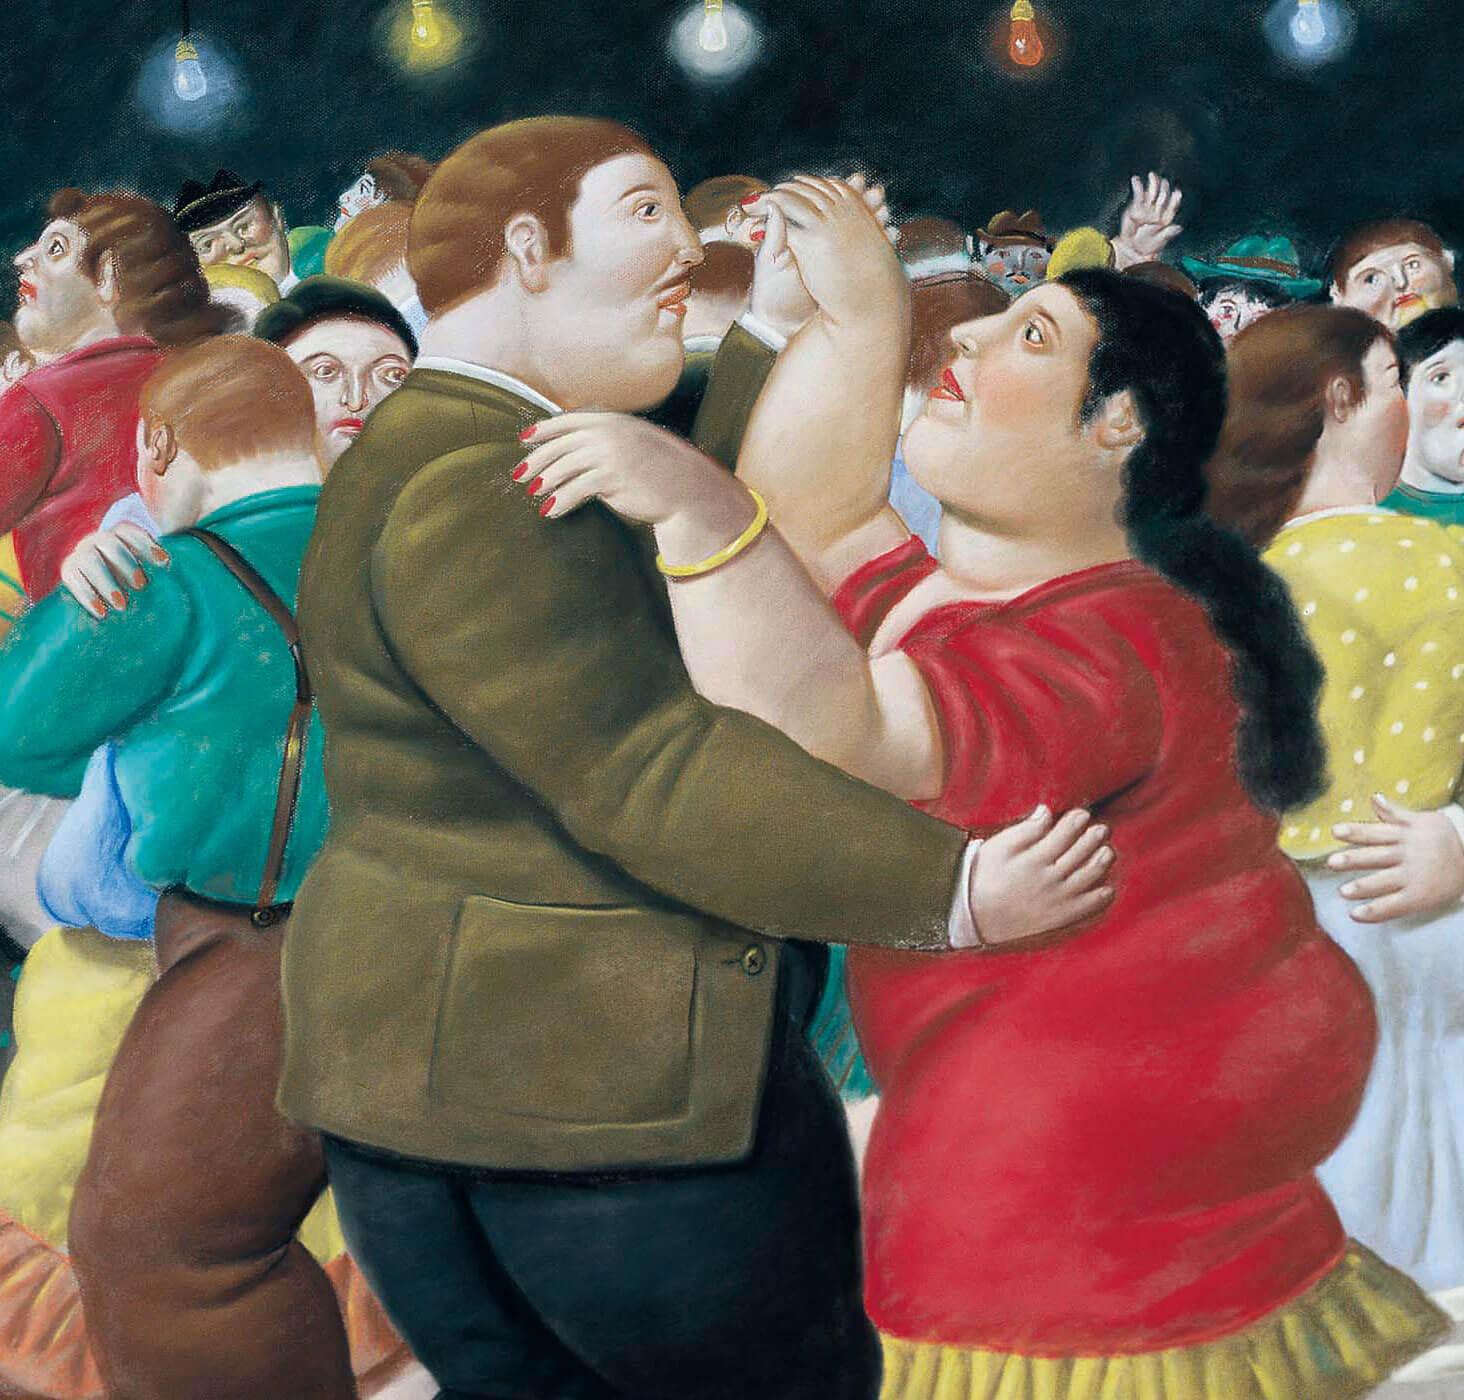 Sobrepeso y obesidad: de la experiencia individual al trabajo colectivo